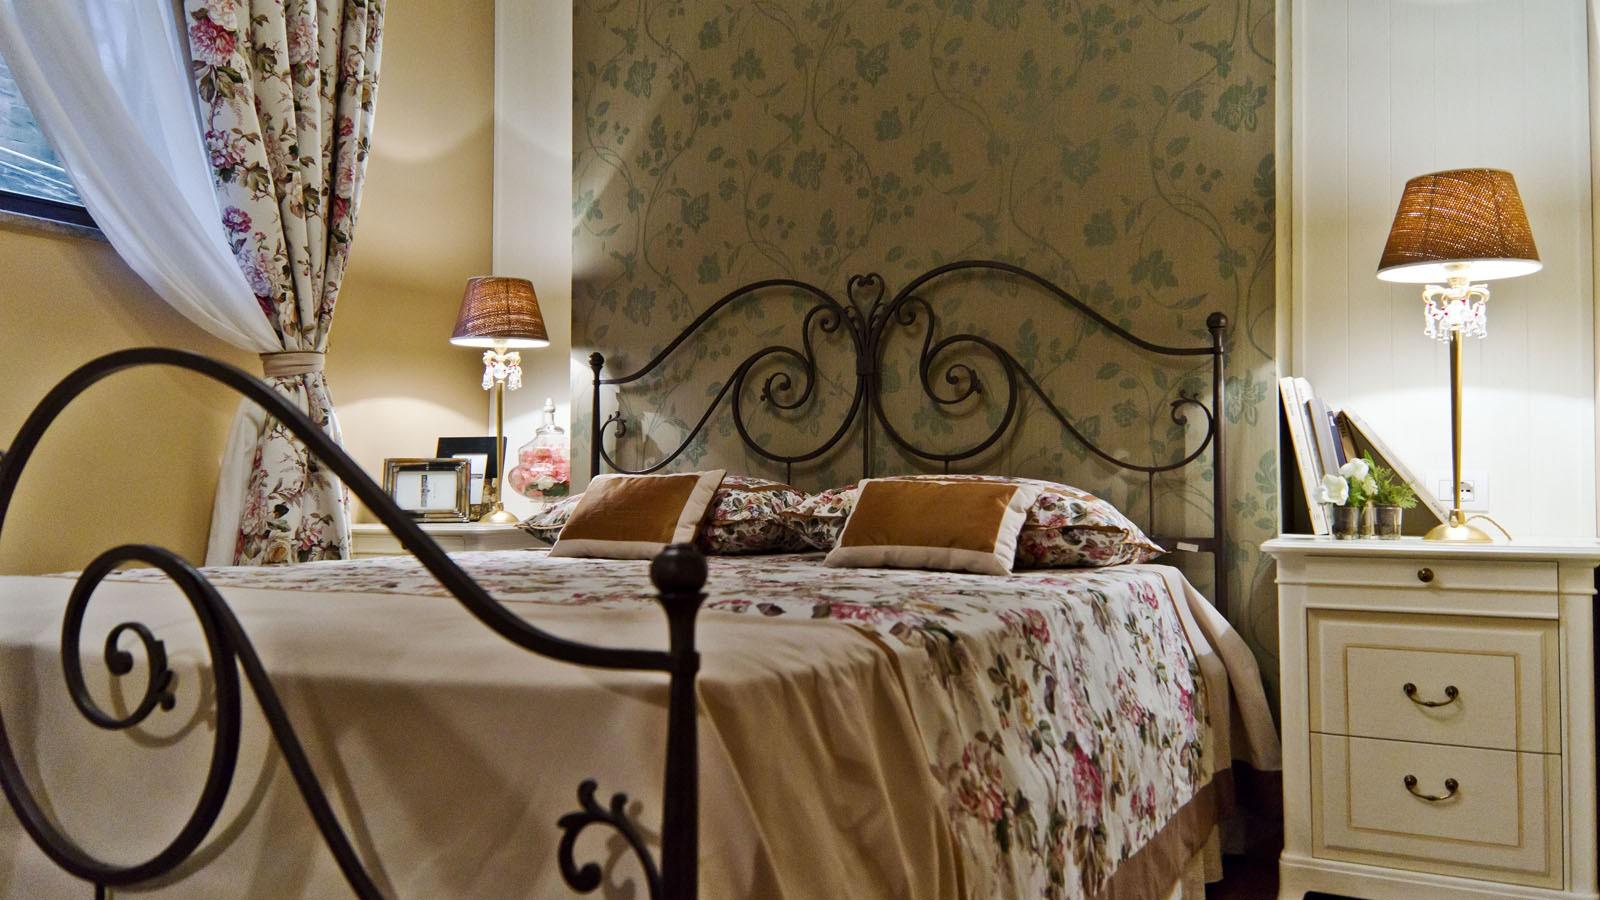 Оформление спальни в стиле Прованс: советы по выбору цветовой гаммы, мебели и отделки